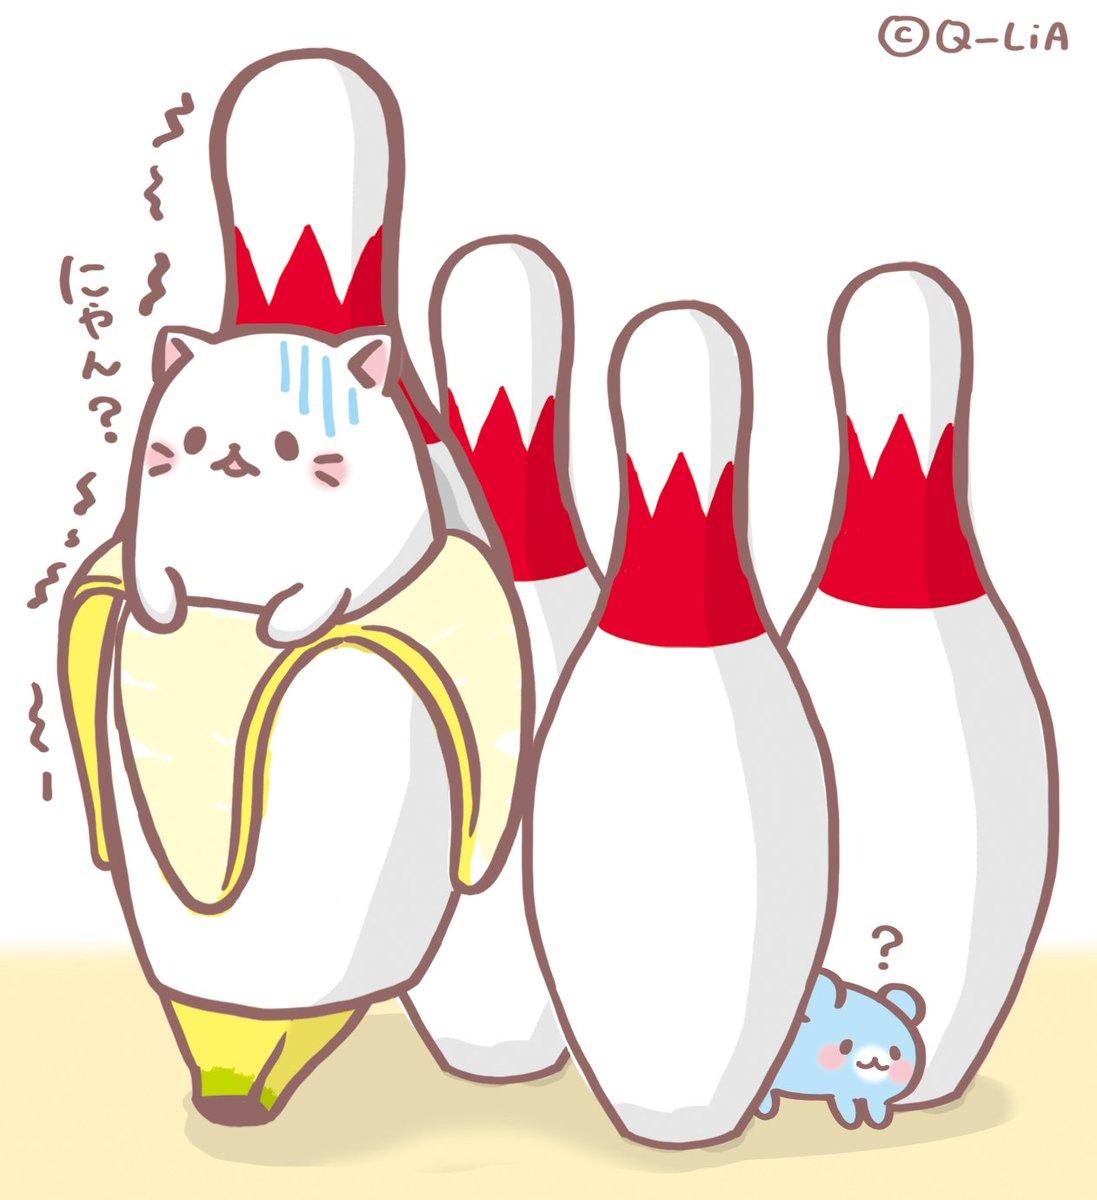 6月22日は #ボウリングの日  にゃ!! ばなにゃはピンのコスプレをしているみたい。あたらないように気をつけてにゃ〜!